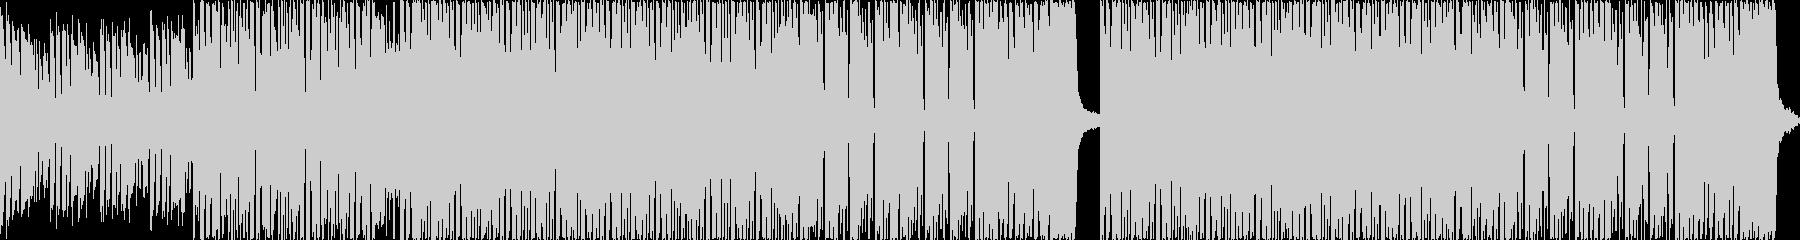 近未来を予感させるEDM系楽曲の未再生の波形